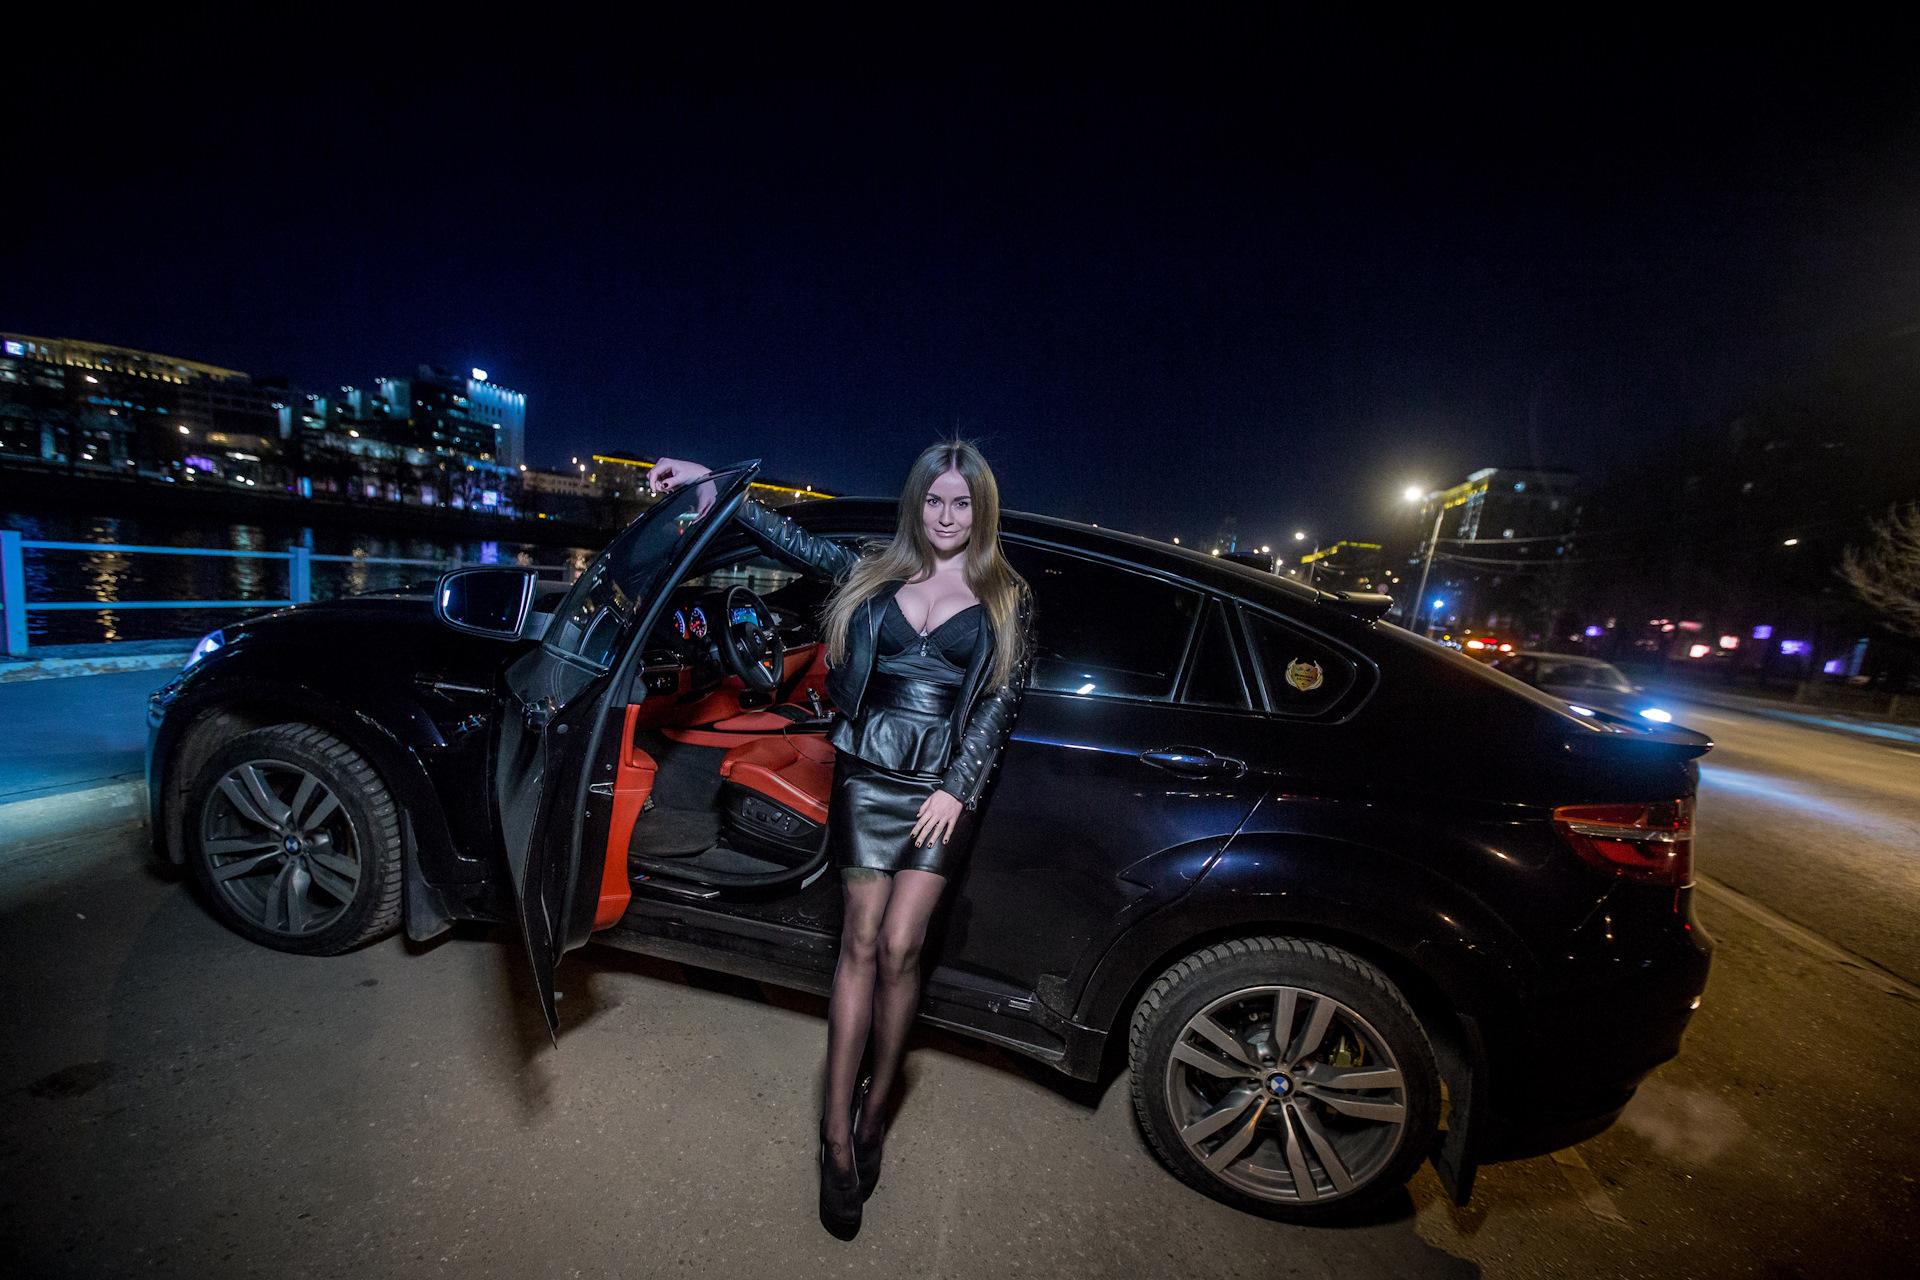 фото человека на фоне машины ночью официально профессиональные